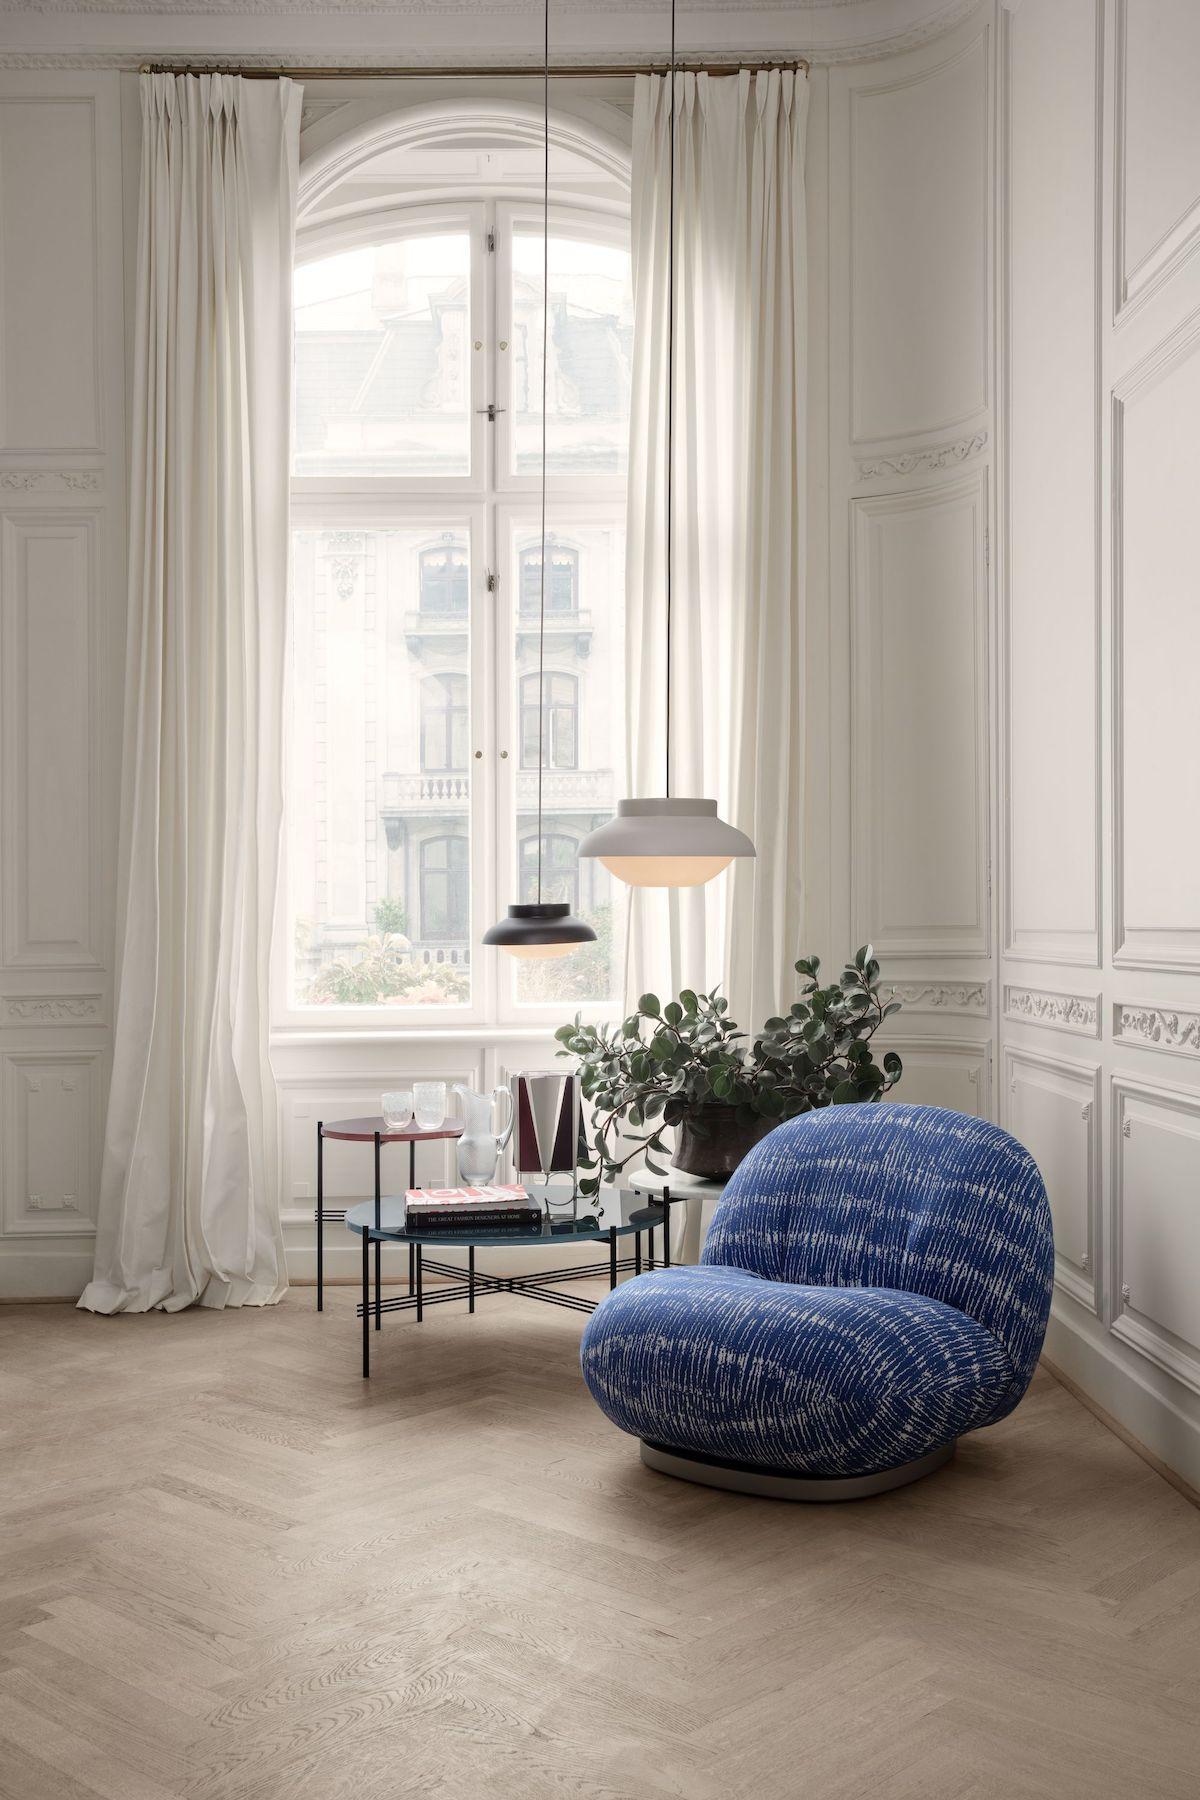 appartement haussmannien tendance déco moderne suspension ronde fauteuil bleu parquet bois lamé